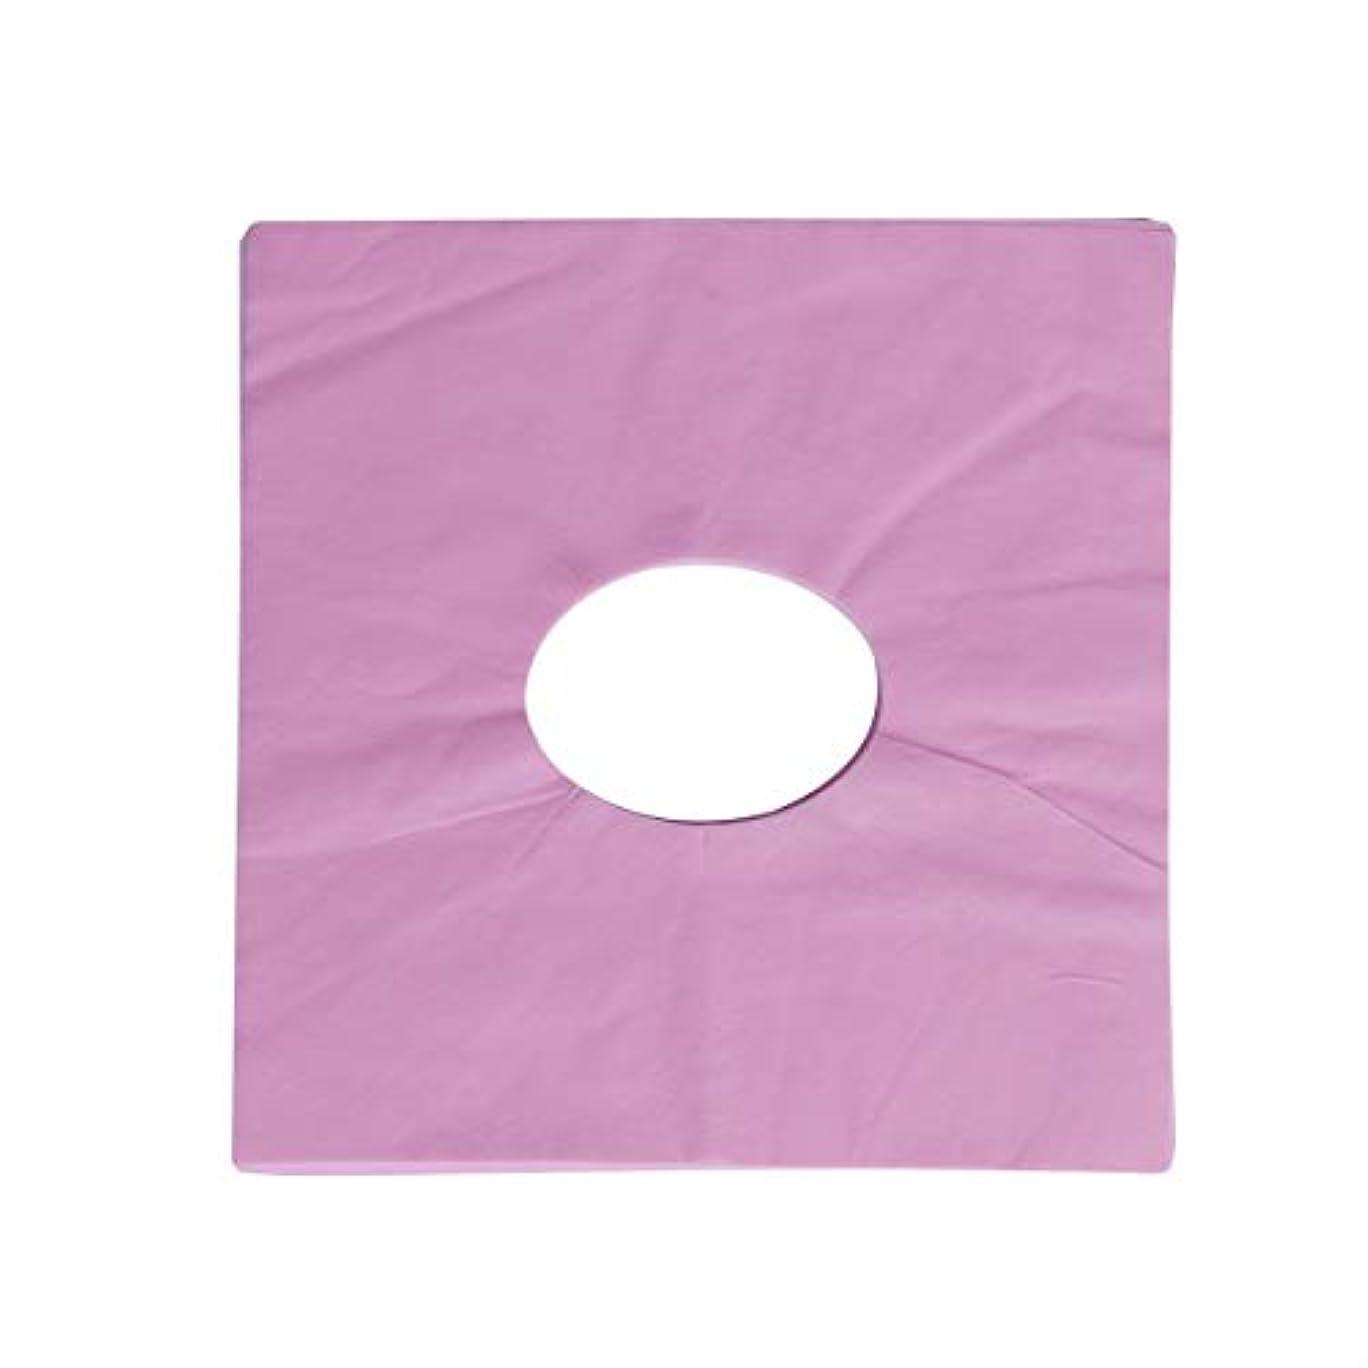 クレーンプランター記念品Healifty 100ピース使い捨てマッサージフェイスクレードルカバーフェイスマッサージヘッドレストカバースパ用美容院マッサージ(ピンク)